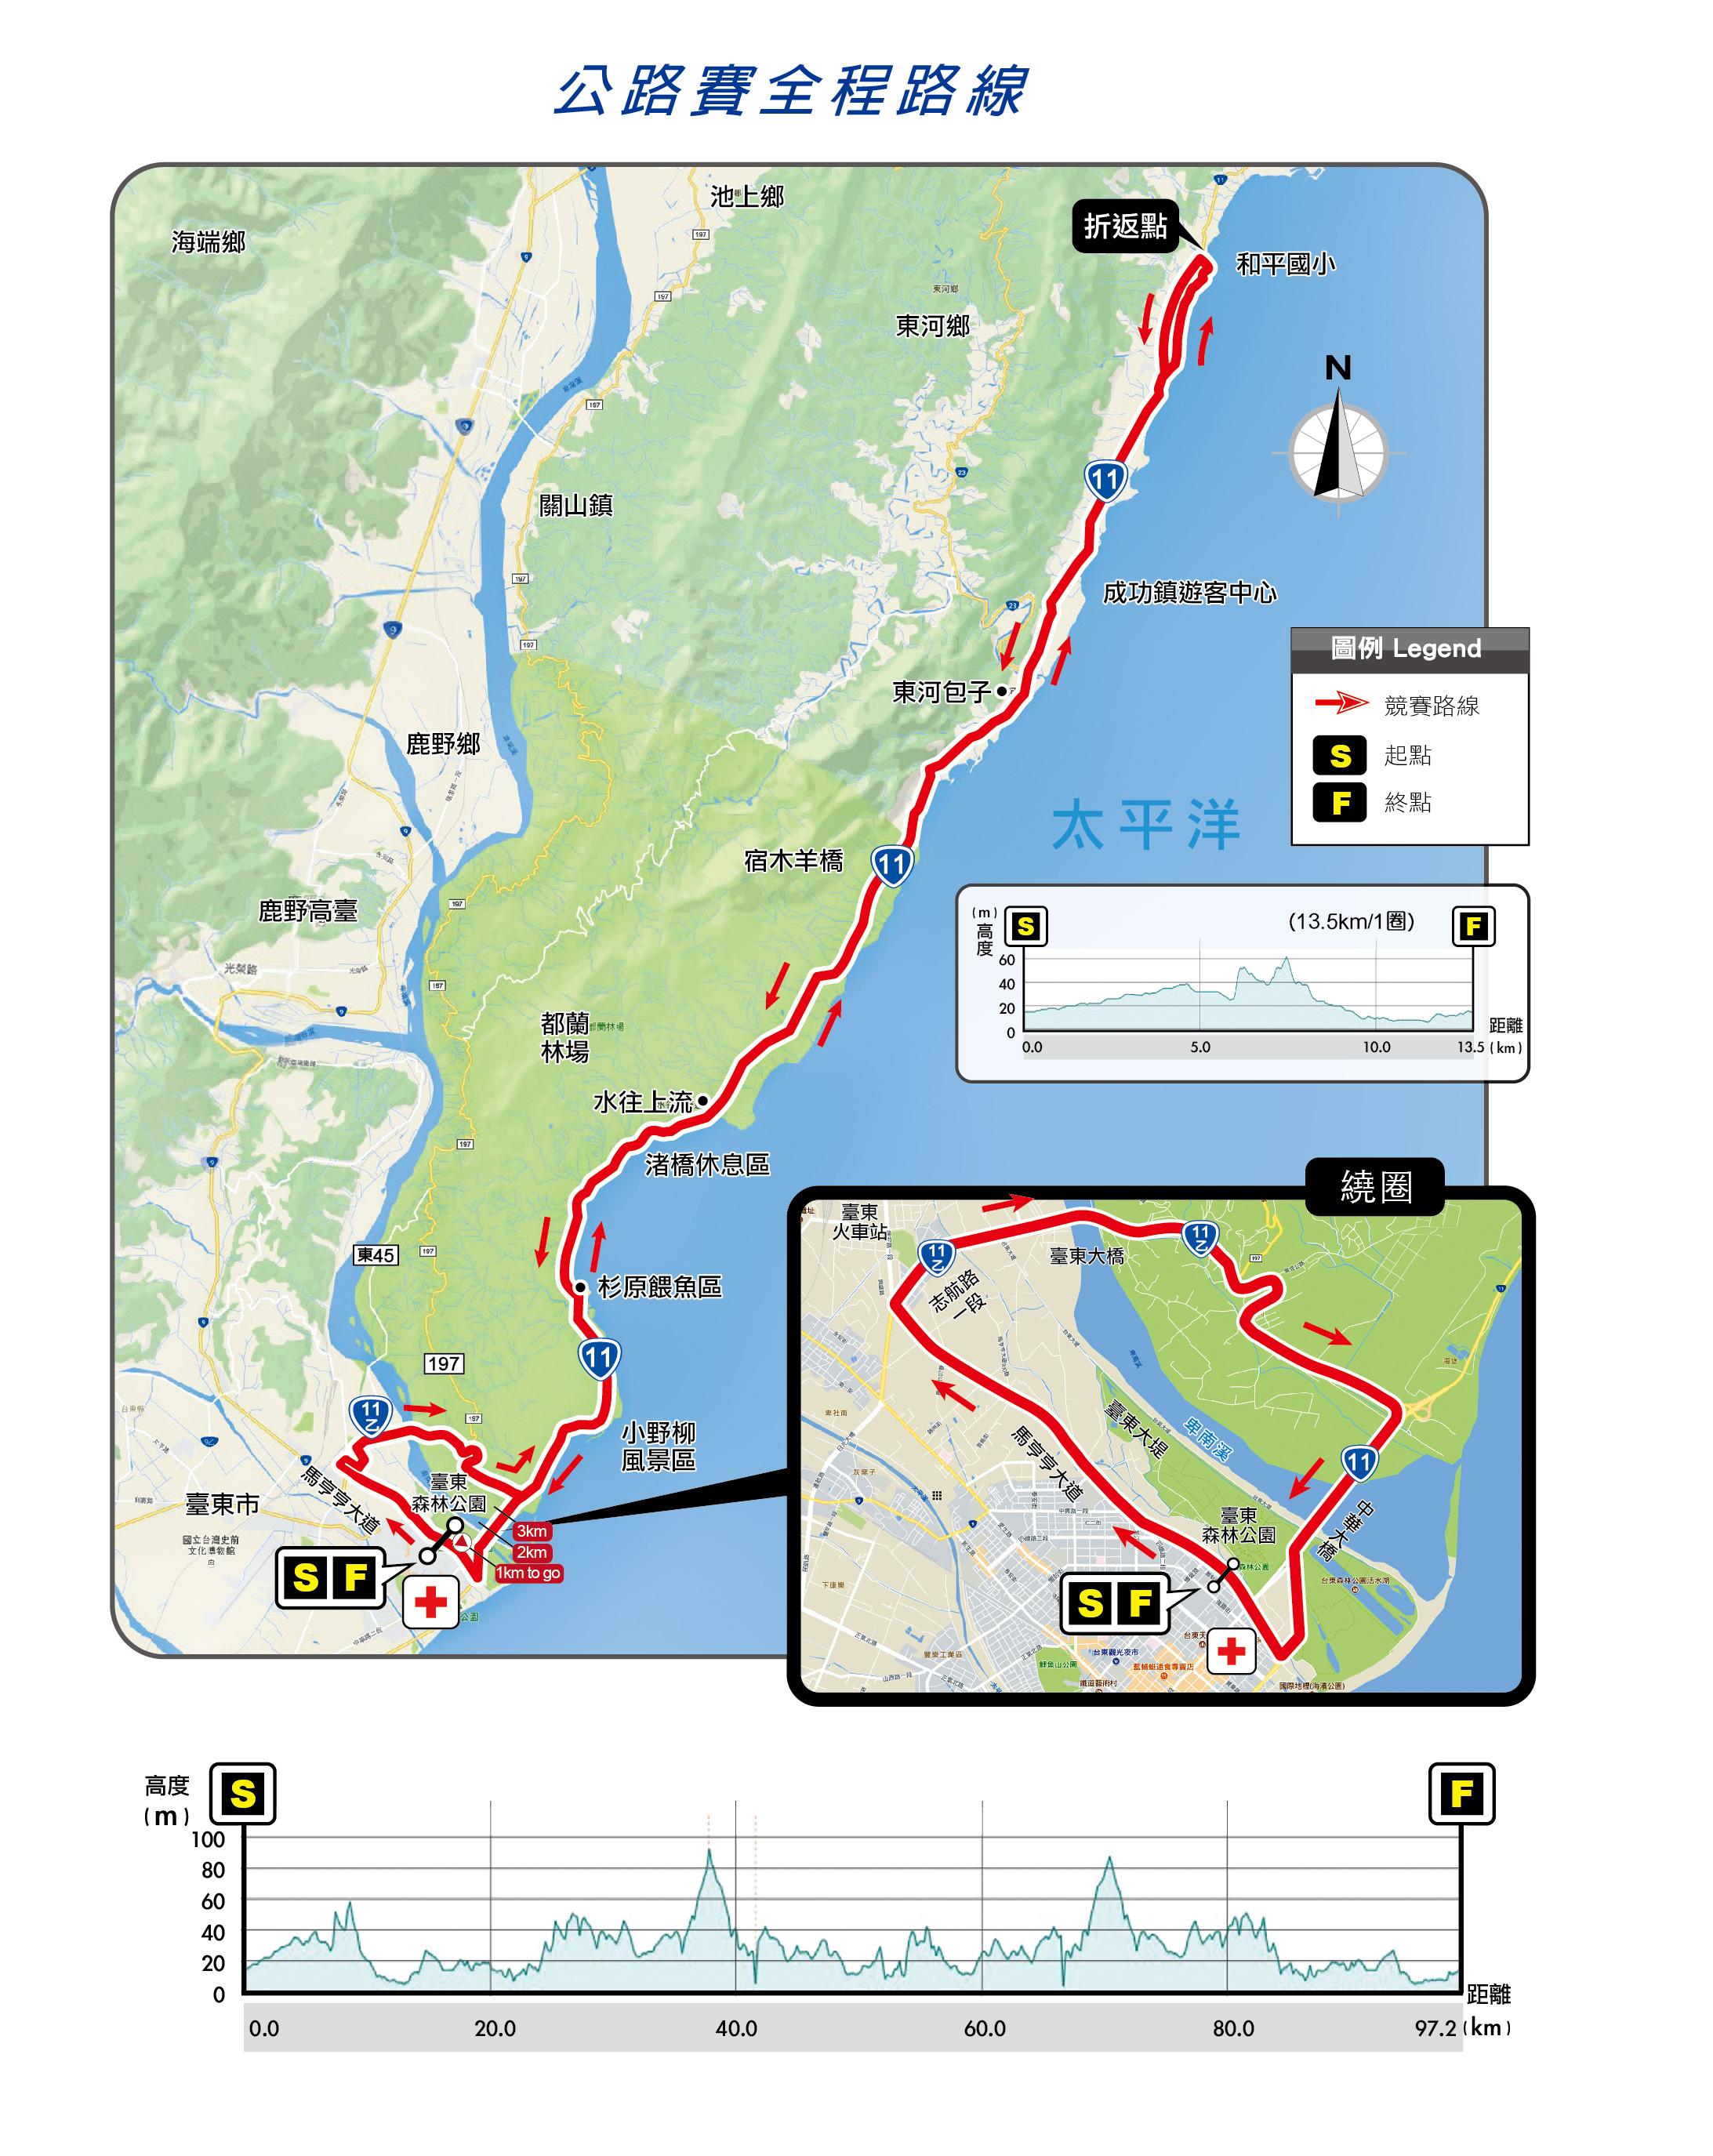 106競賽路線圖(公路賽全程)